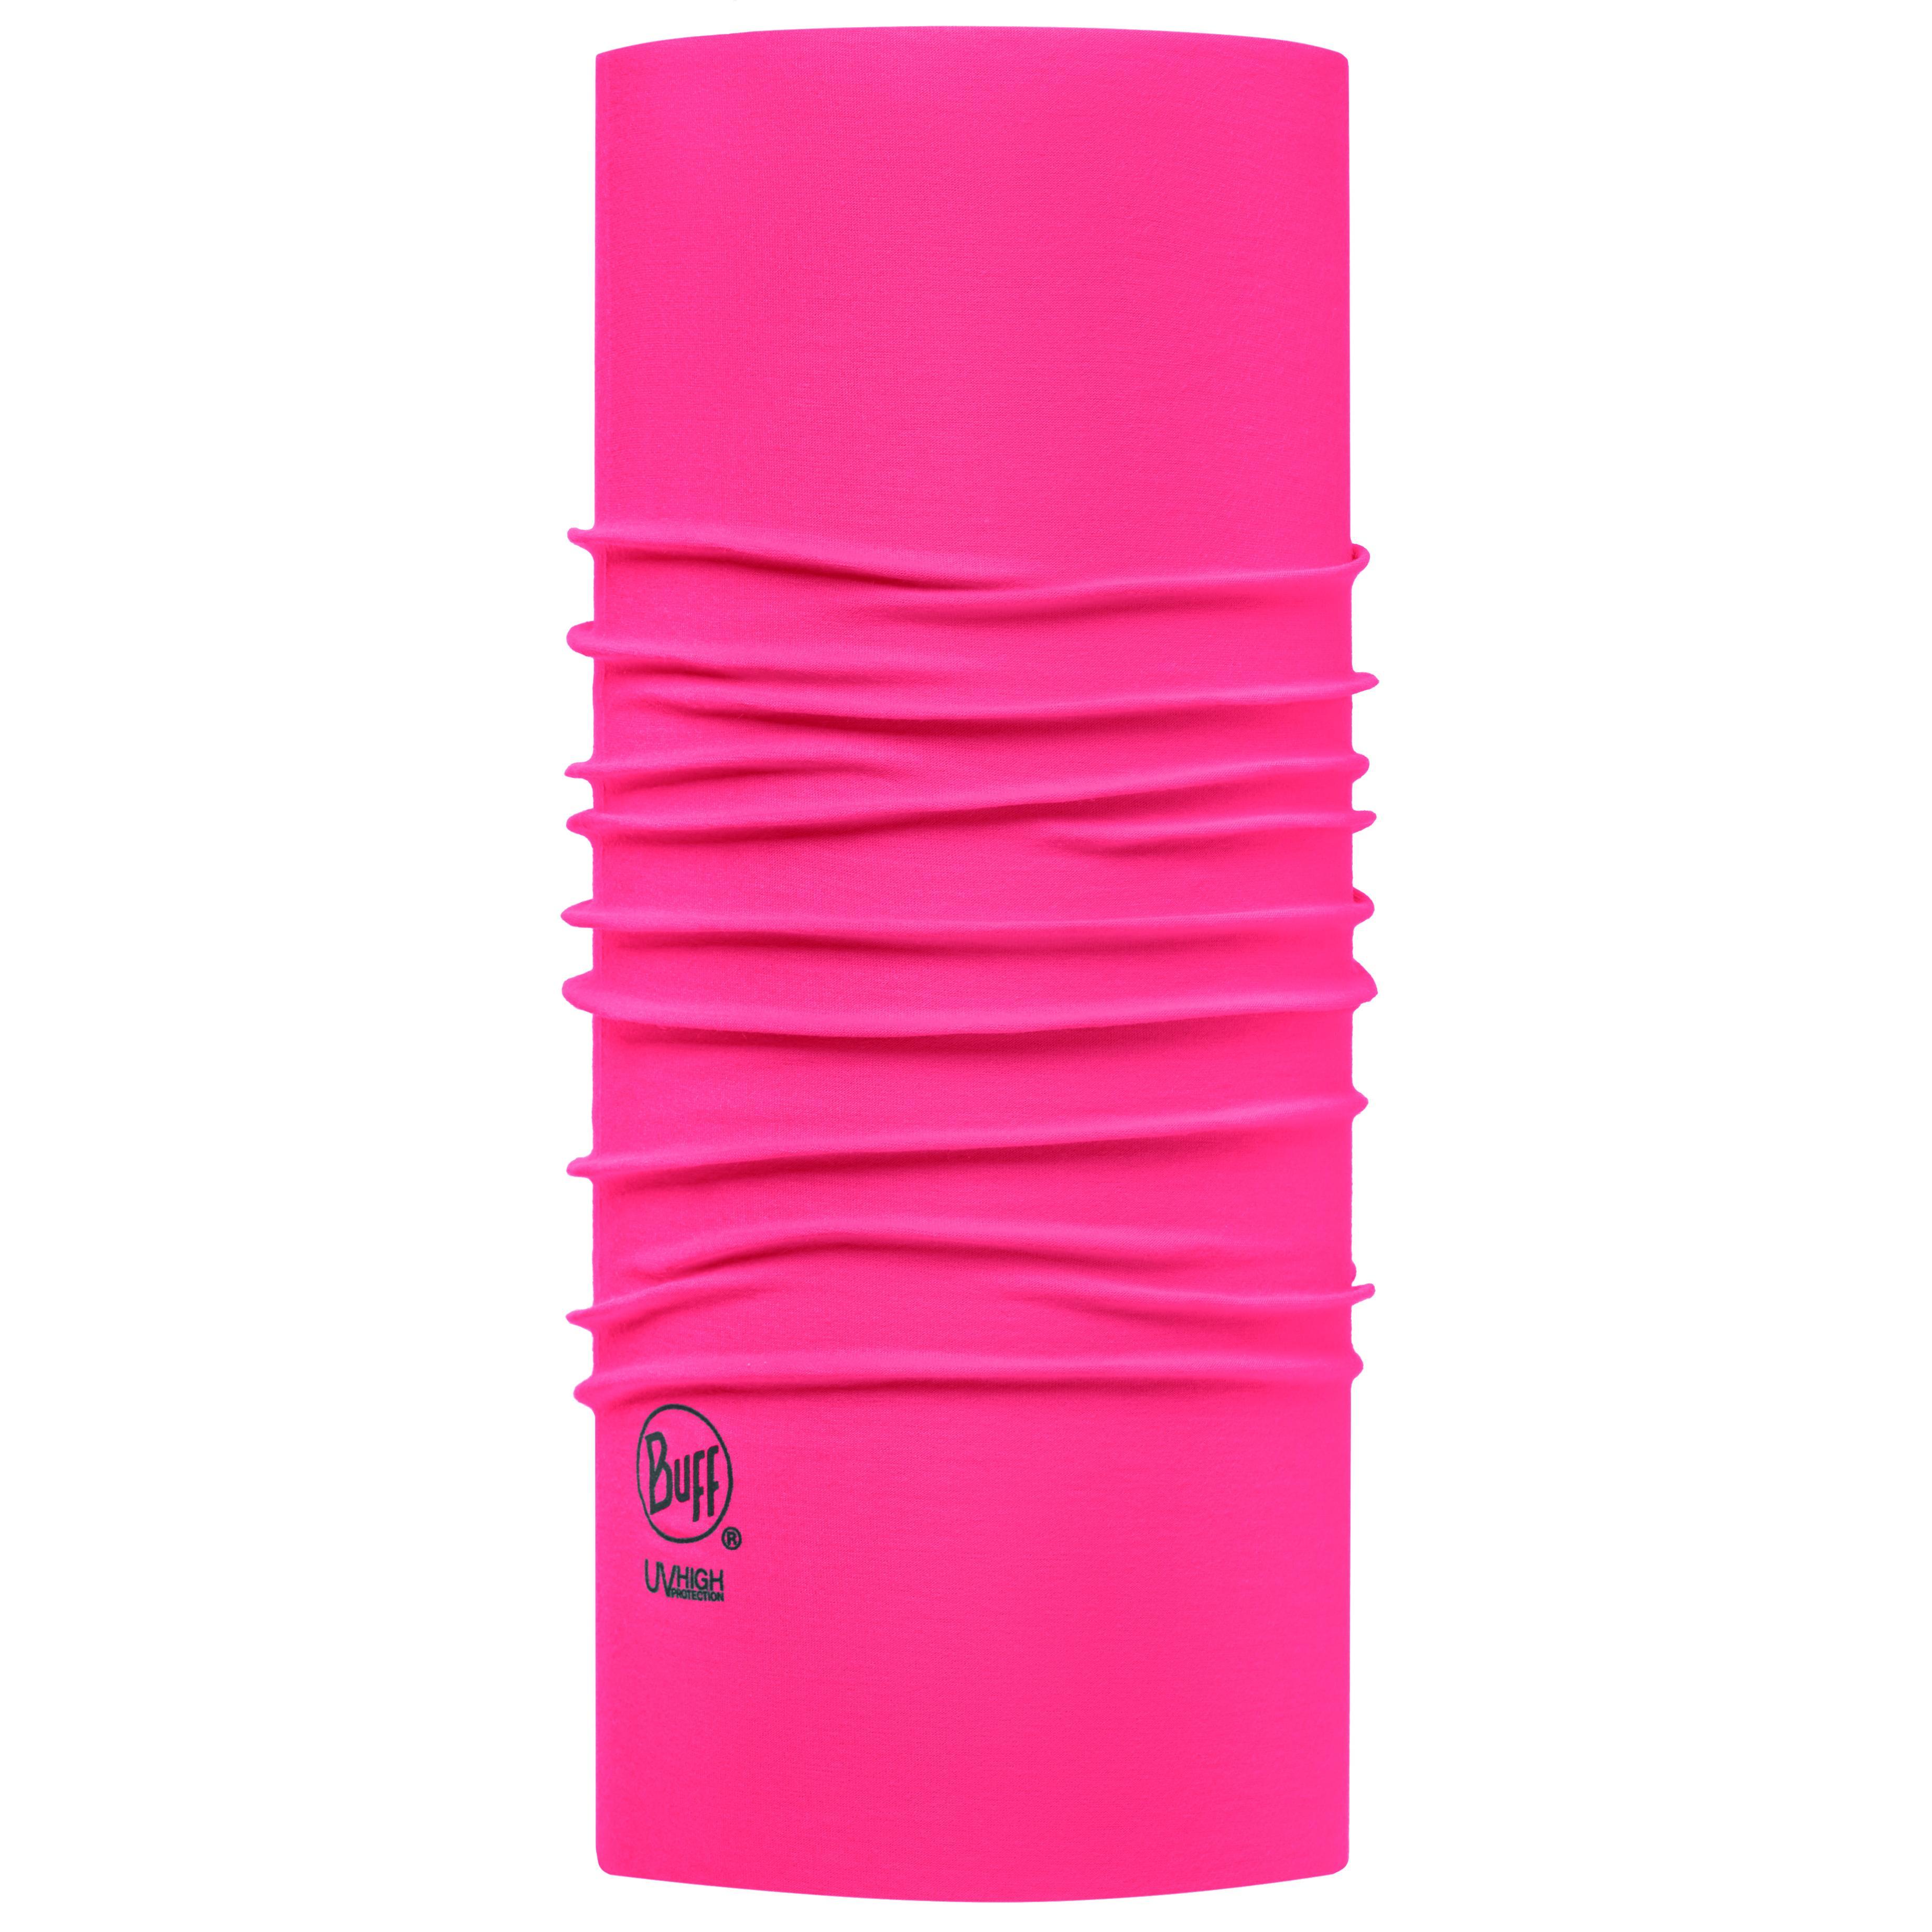 Купить Бандана BUFF High UV SOLID RASPBERRY PINK Банданы и шарфы Buff ® 1312828